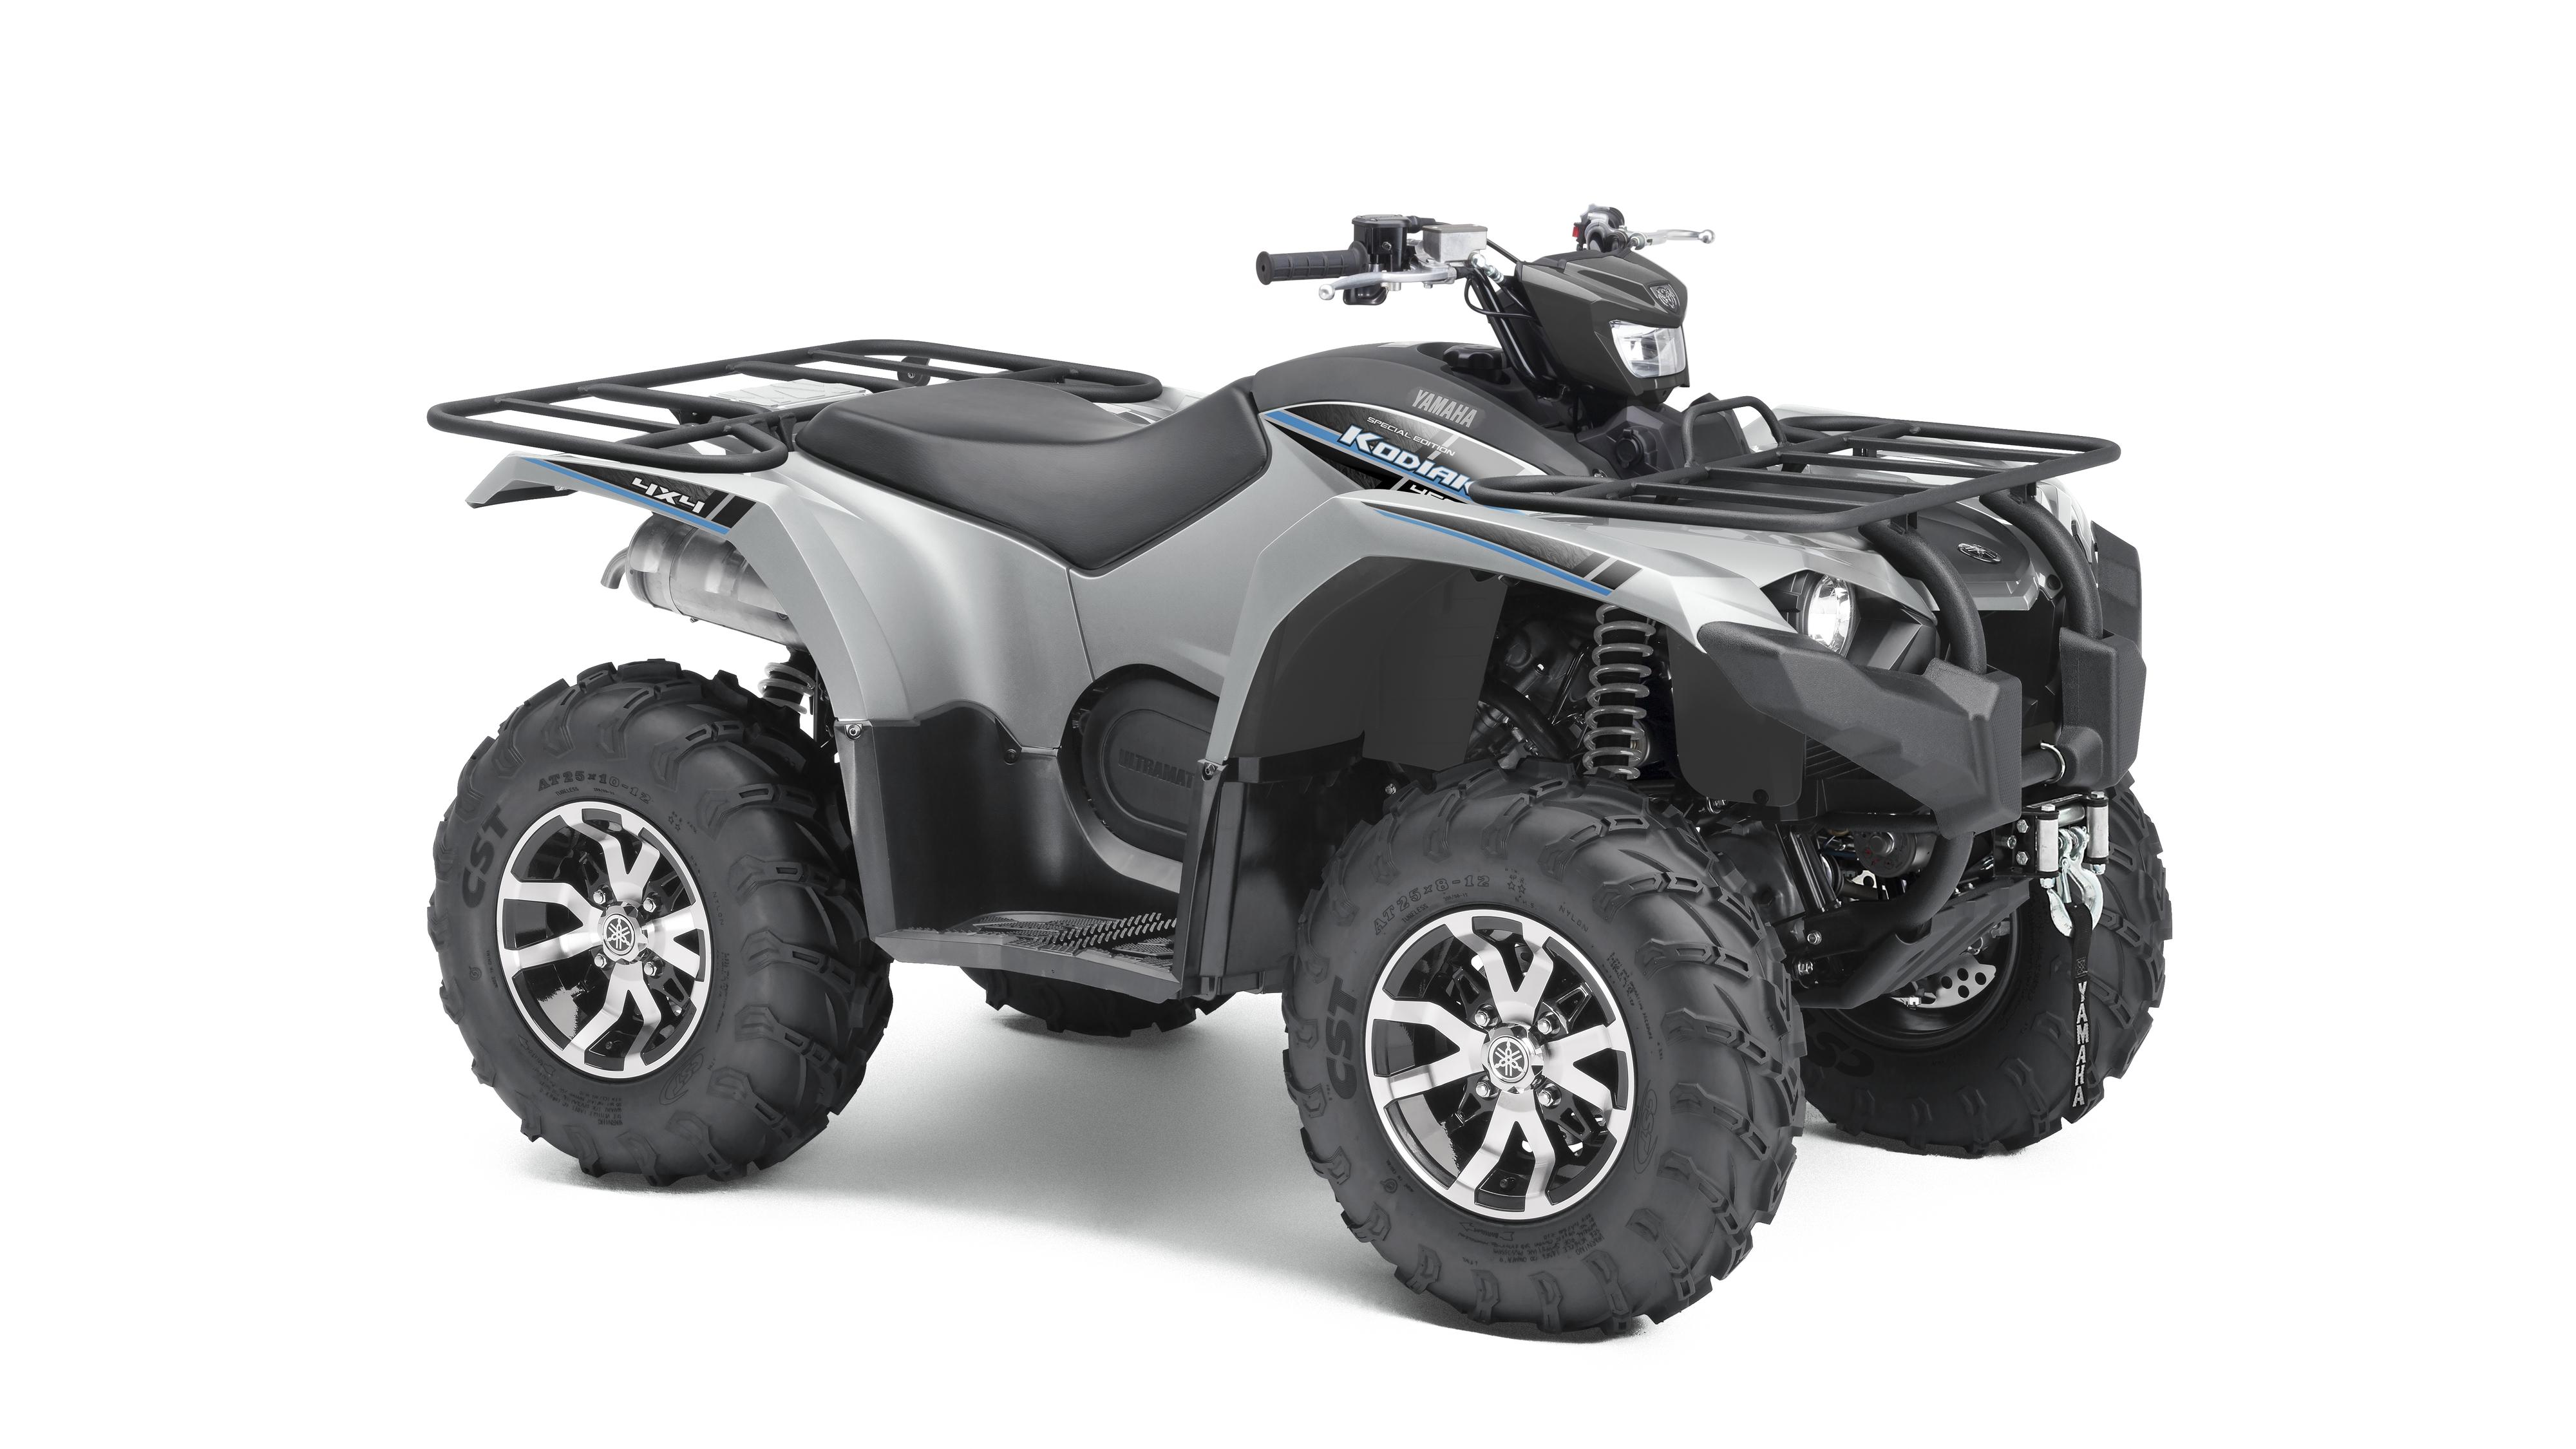 Yamaha Kodiak 400 EPS nu kopen